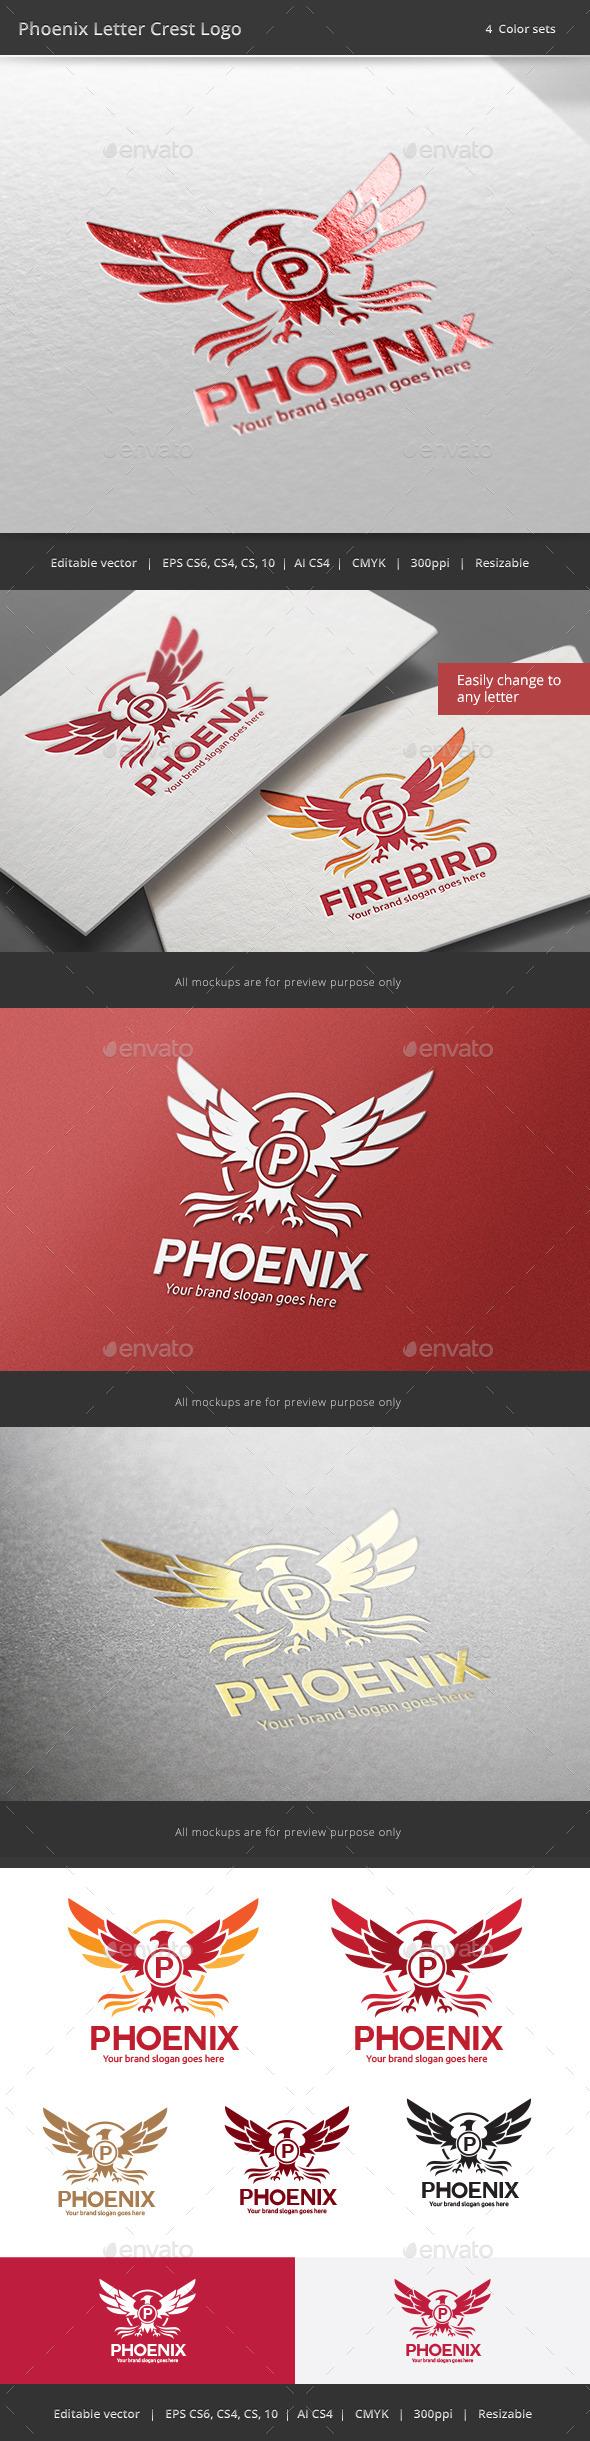 Phoenix Letter Crest Logo - Crests Logo Templates